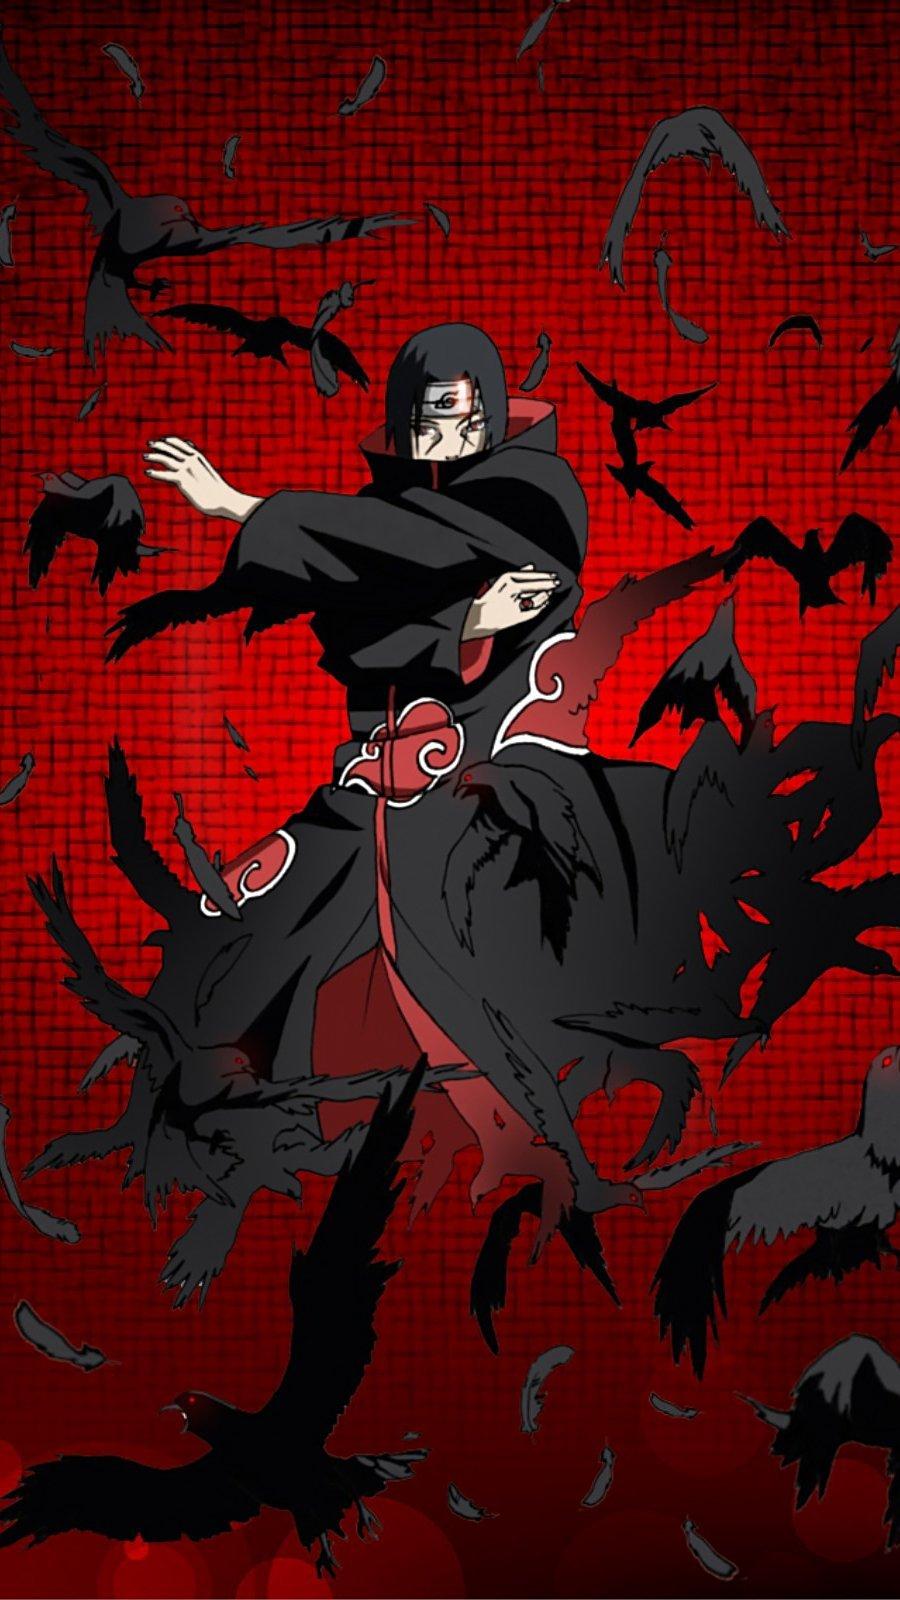 Fondos de pantalla Anime Itachi Uchiha de Naruto Vertical